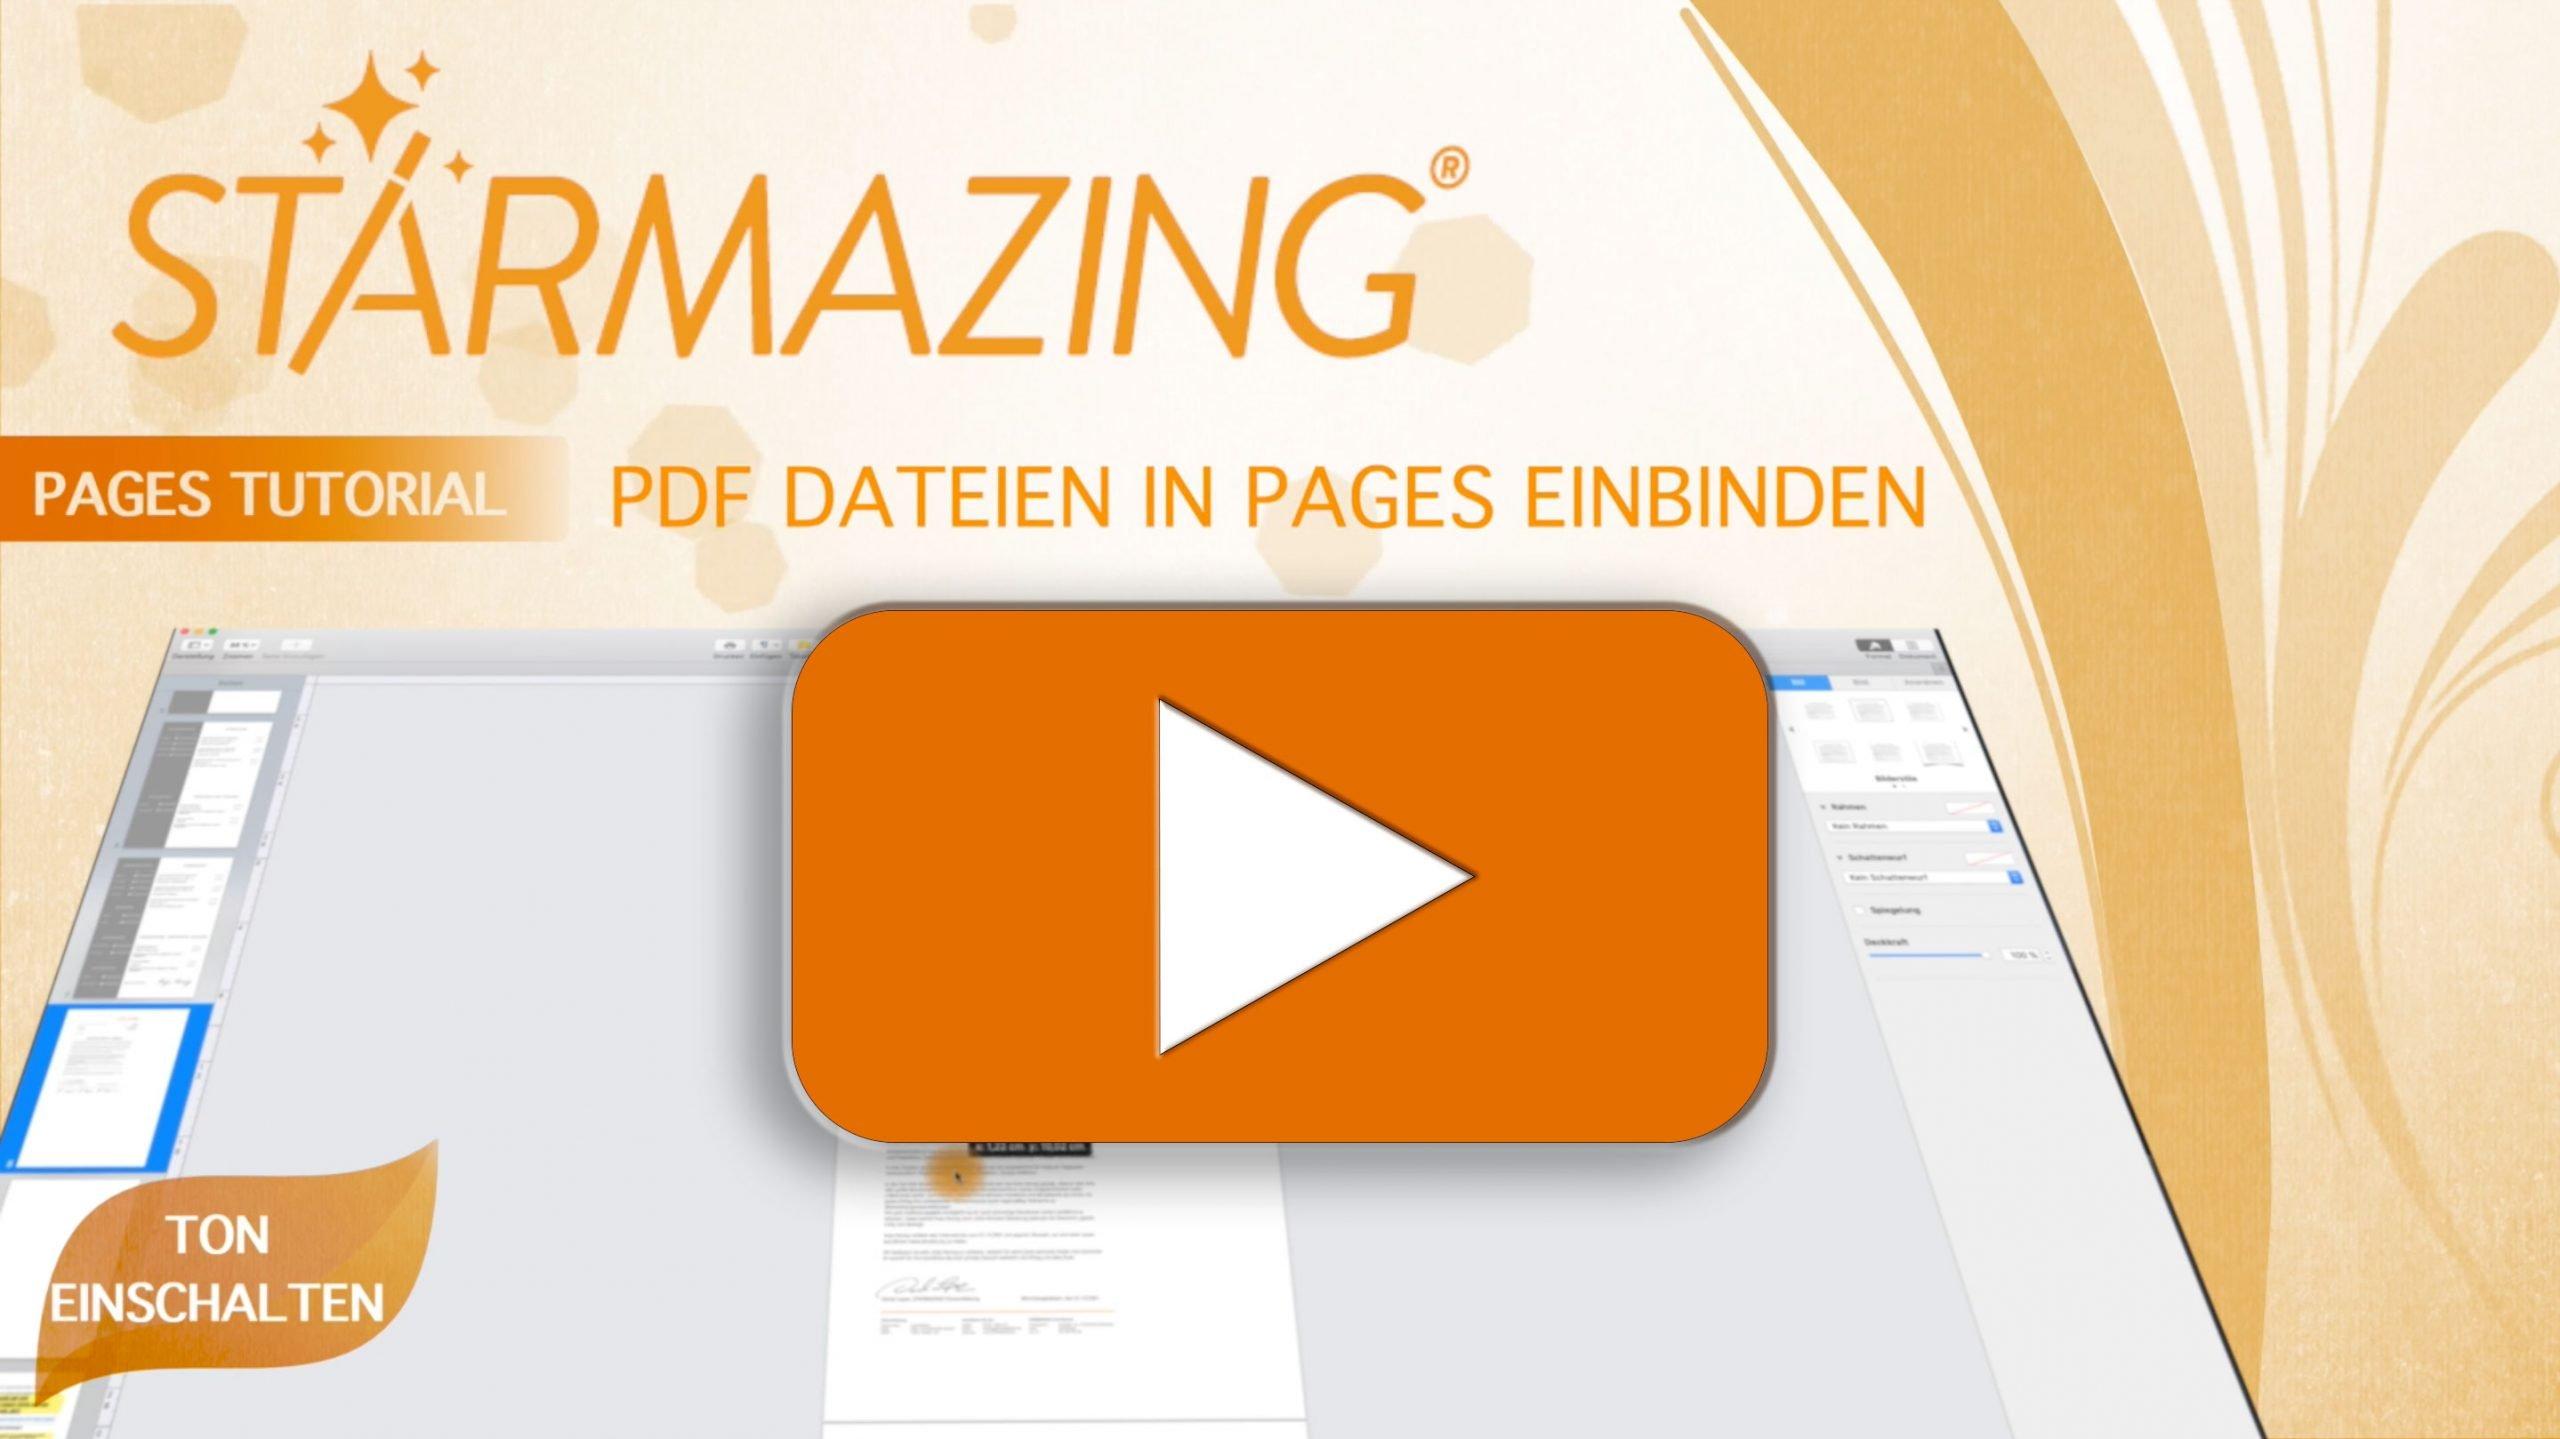 Video Tutorial für PAGES: Mit Pages einseitige und mehrseitige PDFs einbauen und am Ende alles als eine einzige PDF Datei speichern. Dies ist nützlich, wenn Sie Bewerbungen schreiben und Anhänge wie Arbeitszeugnisse in einem einzigen PDF zusammen mit der Bewerbung versenden möchten und nicht als separates PDF. Klicken Sie auf das Video und erfahren Sie Schritt für Schritt, wie es funktioniert. Tipp: Video auf Vollbildmodus stellen, damit Sie alles prima sehen können.